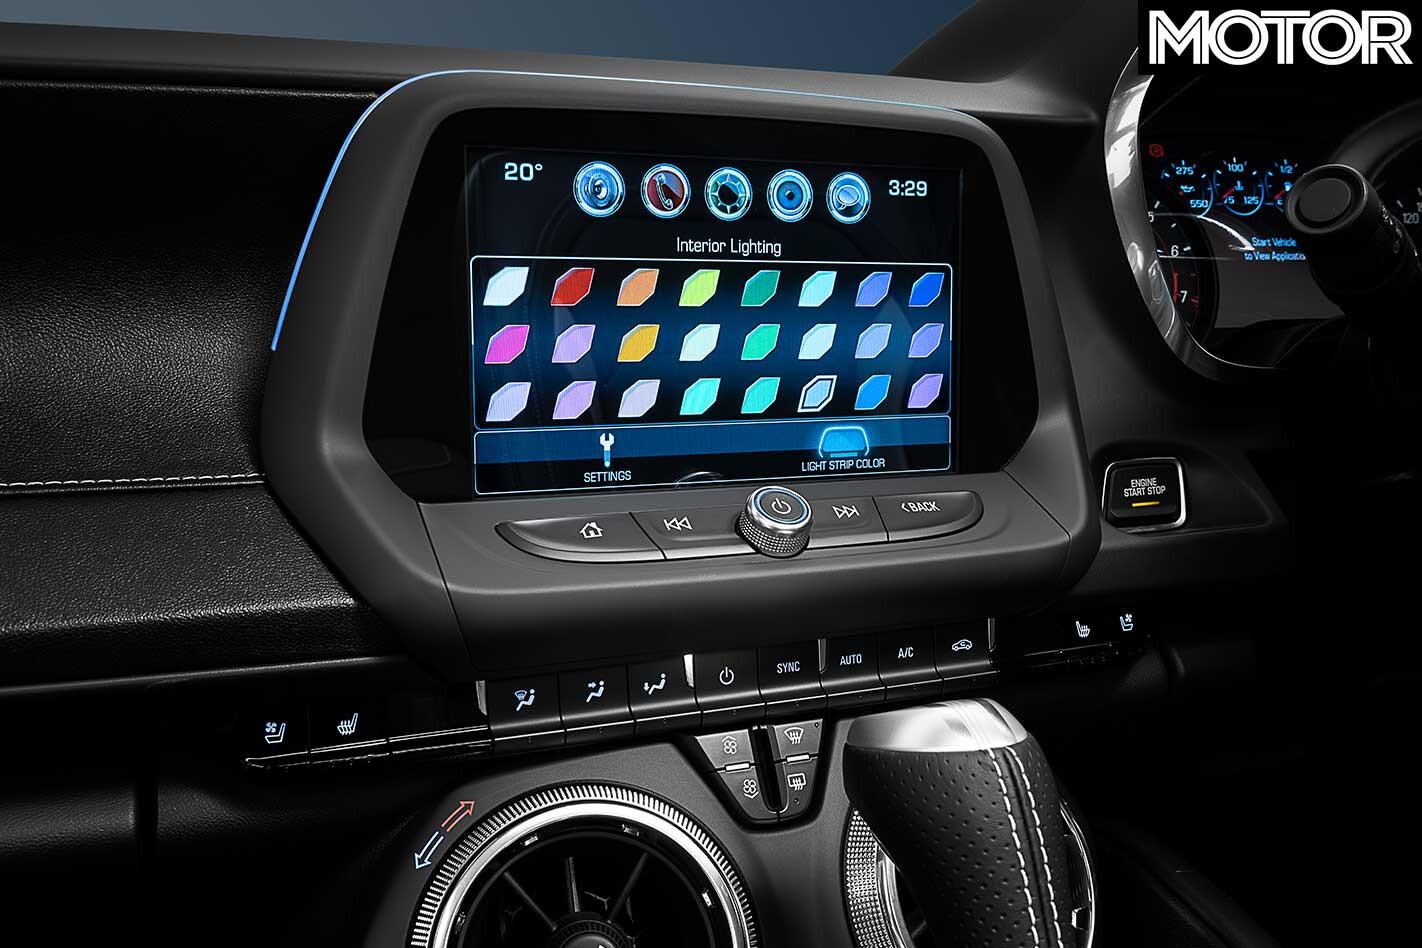 2018 Chevrolet Camaro 2 SS Interior Lighting Jpg